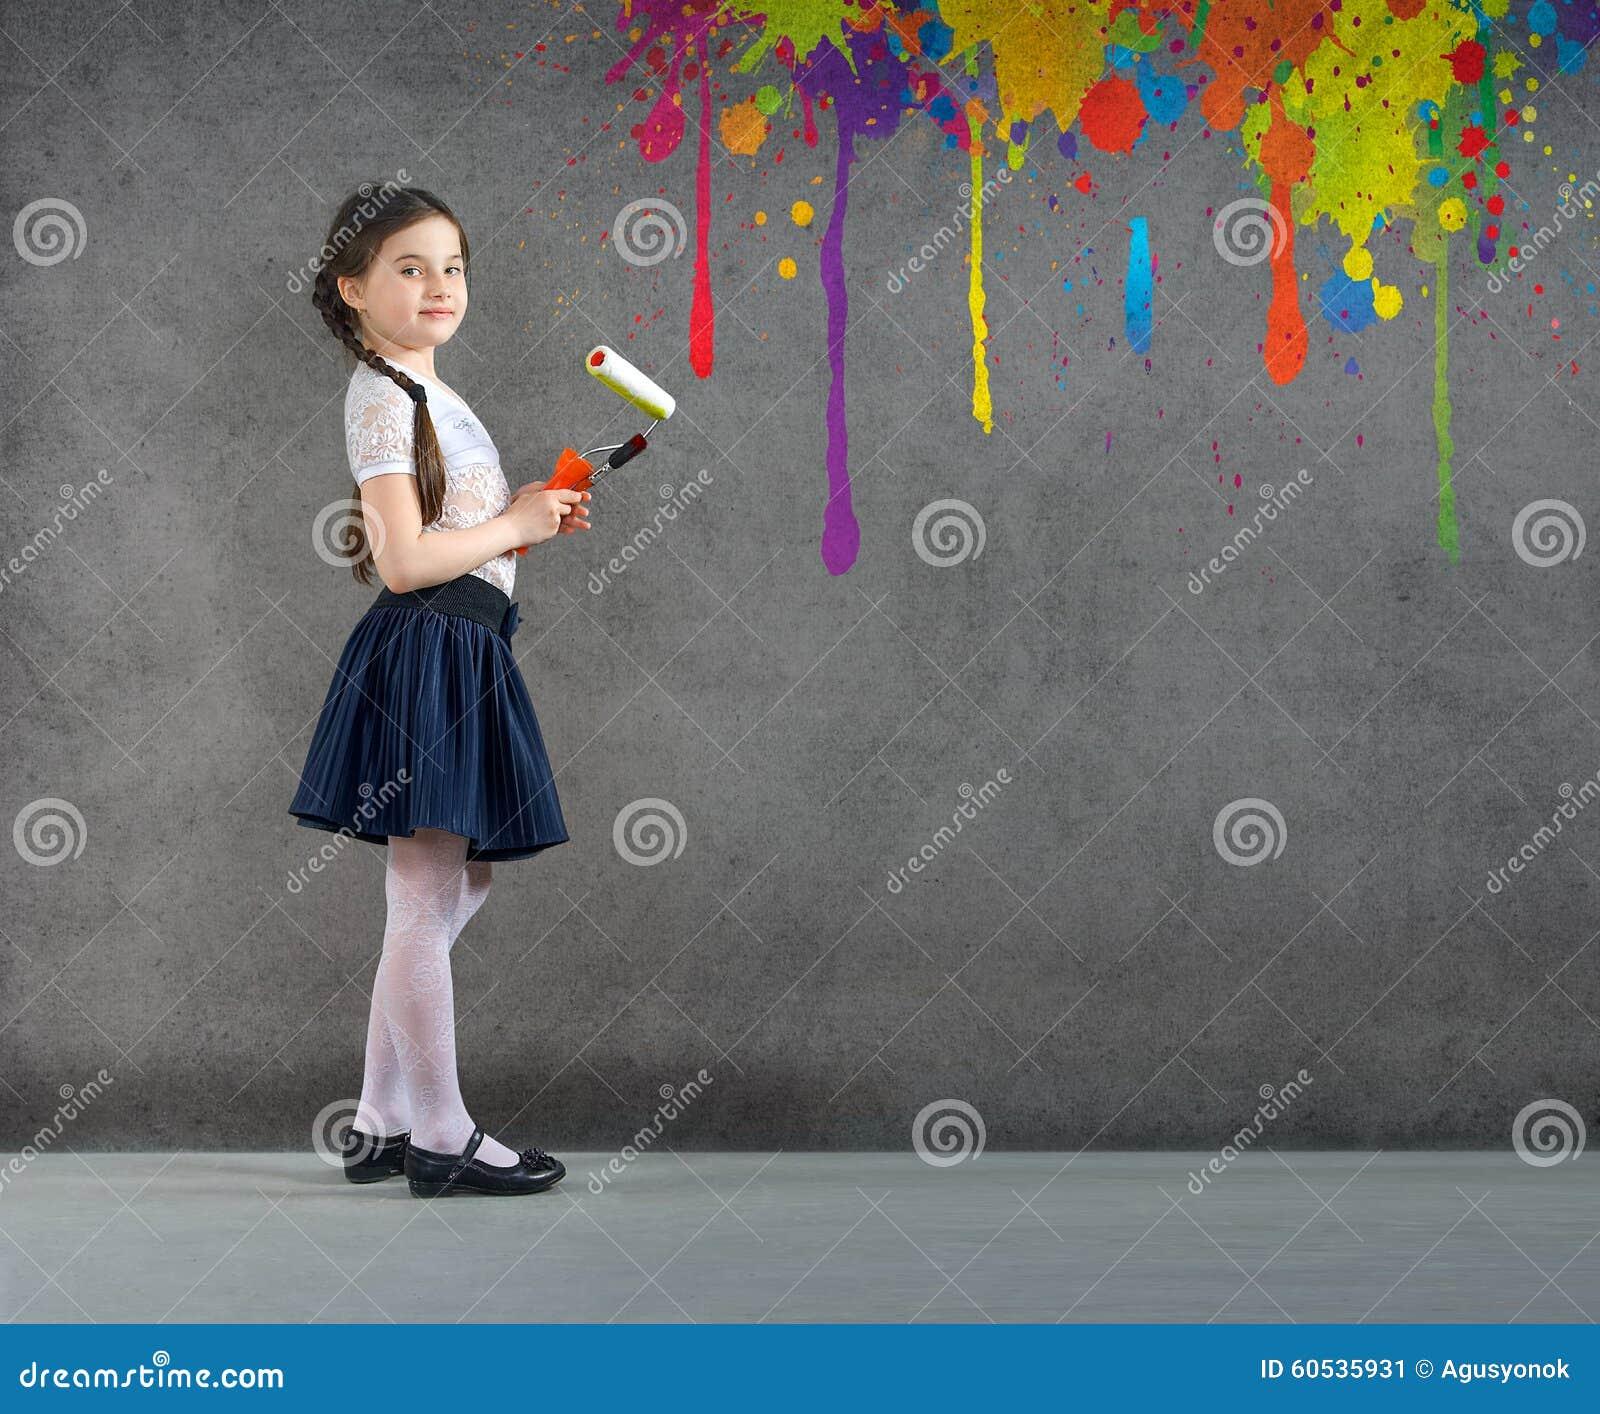 La niña joven sonriente alegre el niño dibuja en las pinturas coloreadas pared del fondo reparar creativos